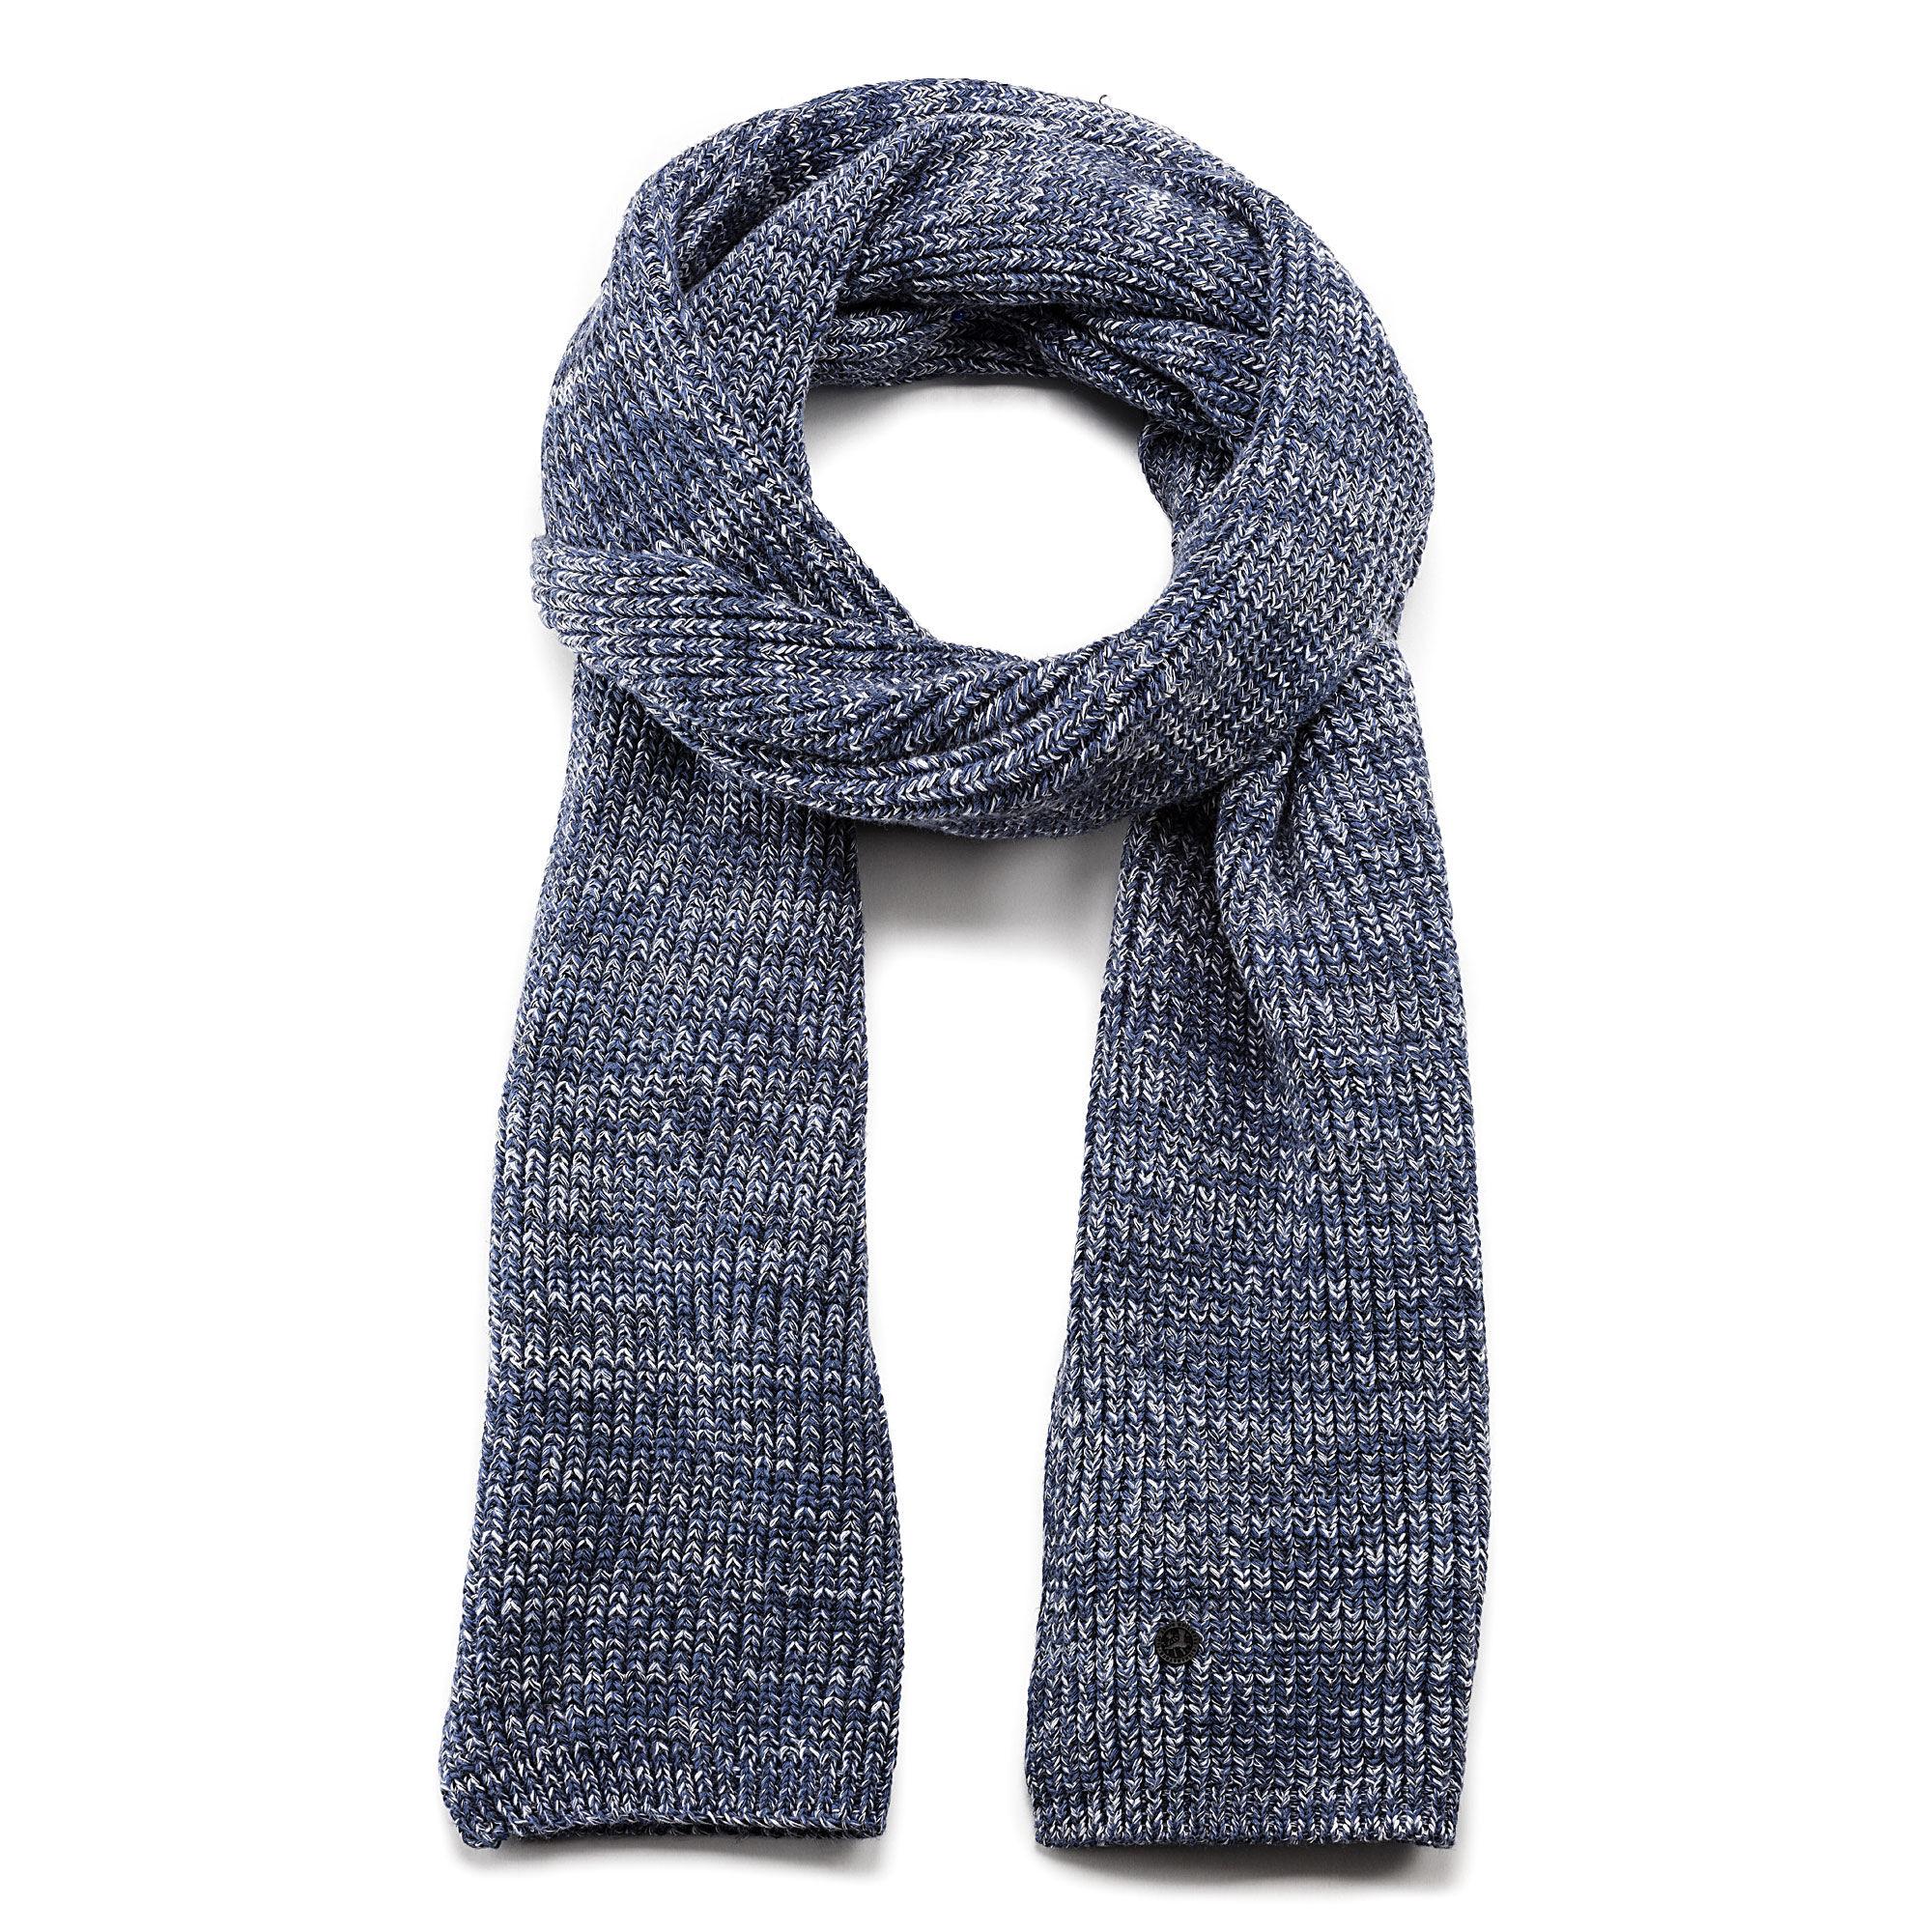 BIRKENSTOCK Fashion Cotton Blau